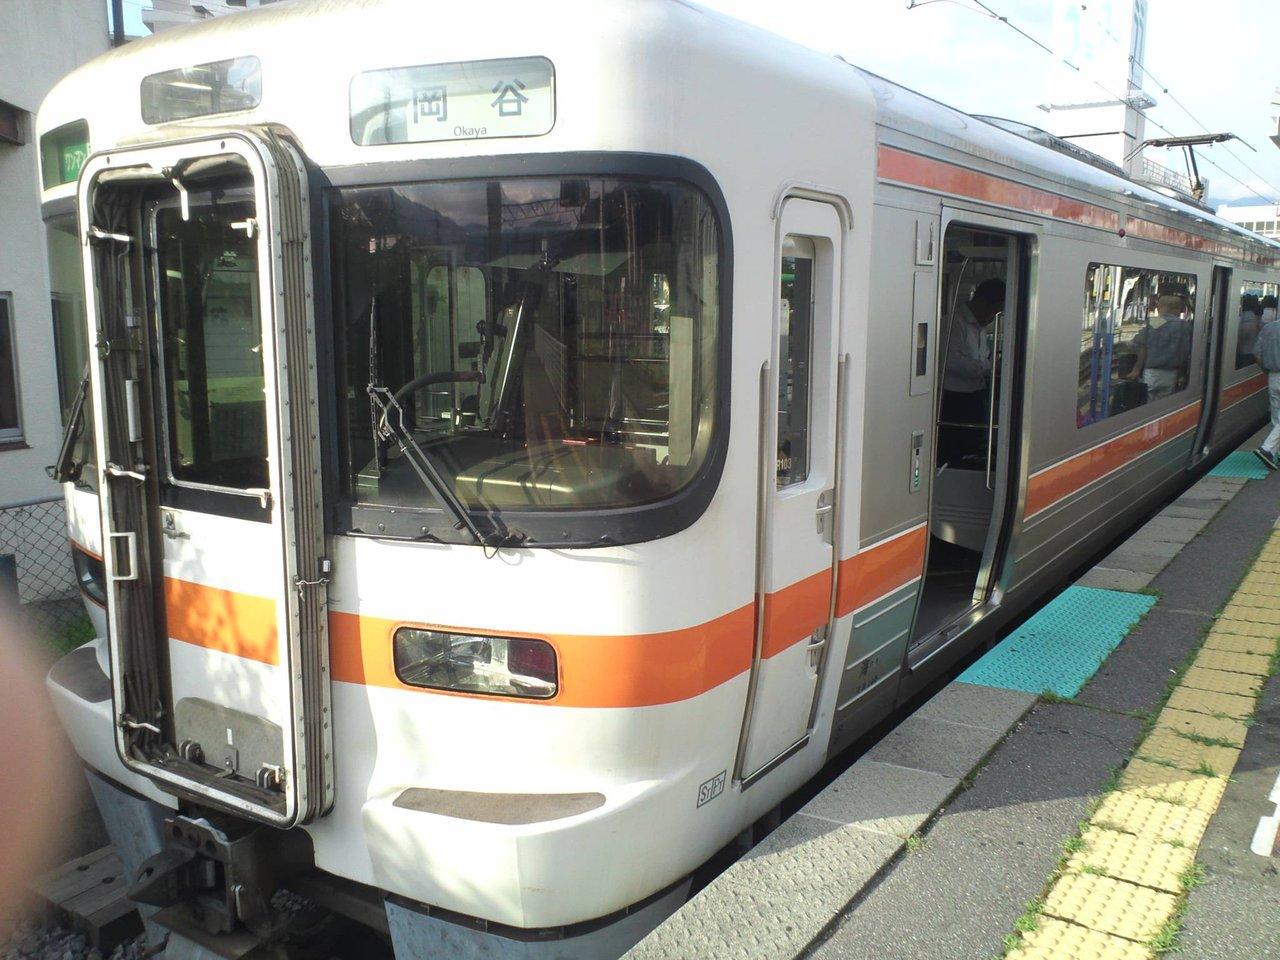 けれど空は青〜日本全国鉄道旅行記ブログ                        skybs(そらあお)